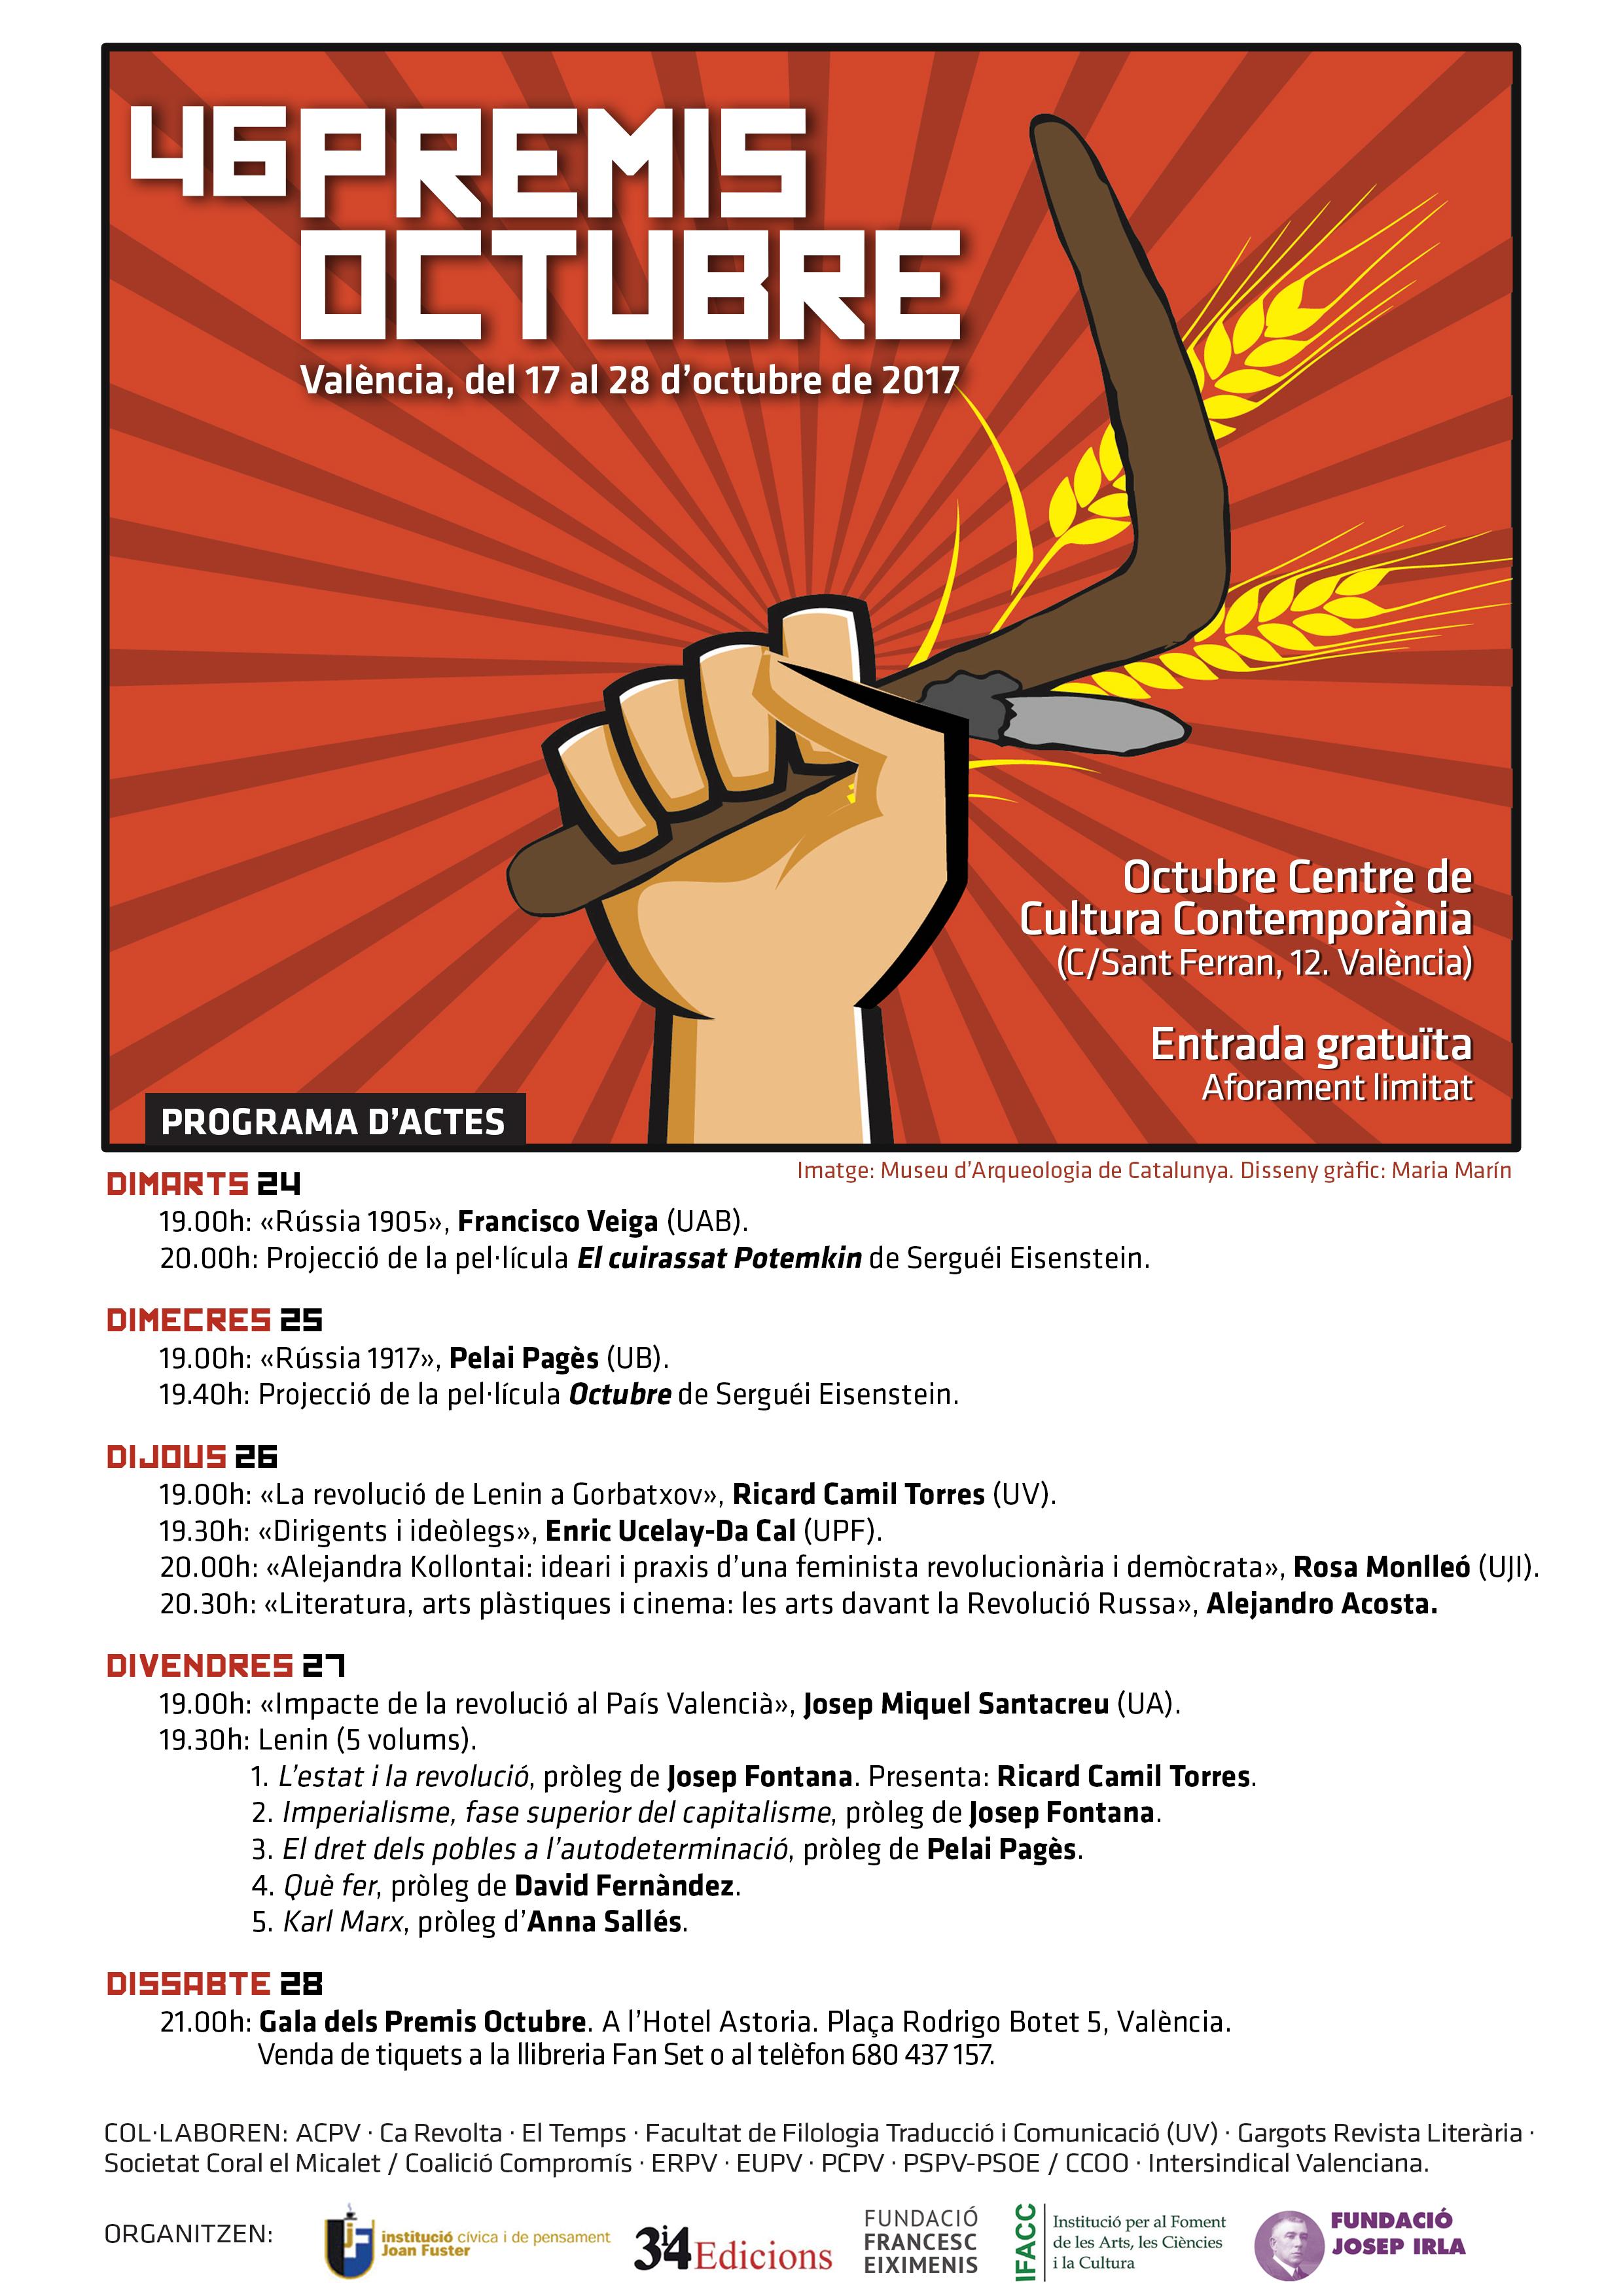 Programa d'actes dels 46 Premis Octubre